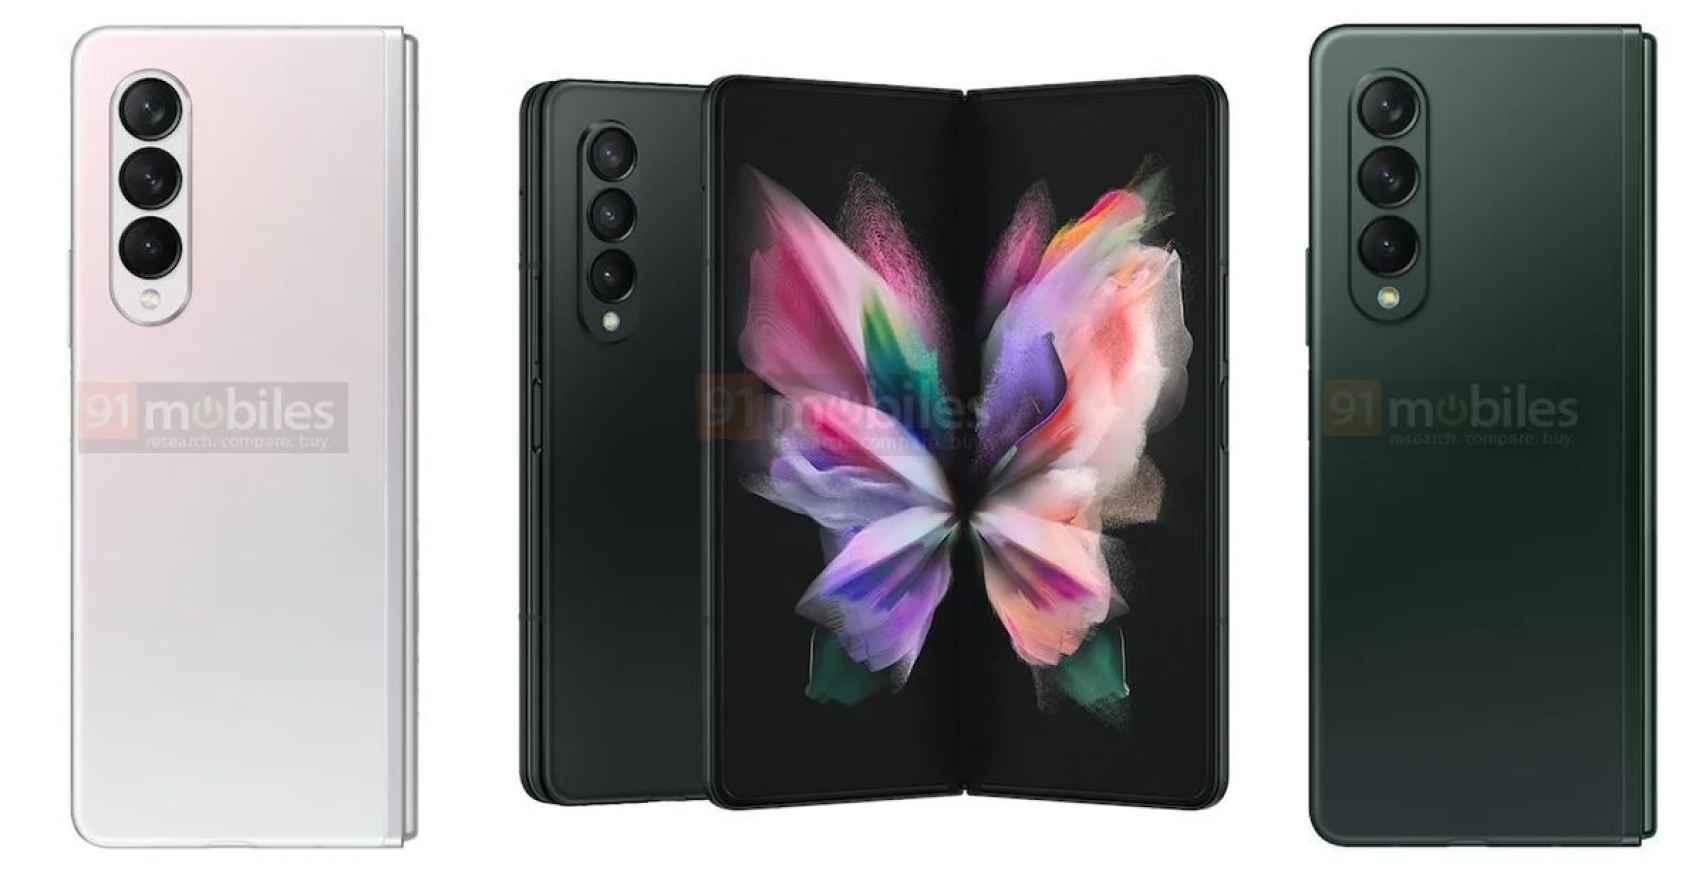 El Galaxy Z Fold 3 se lanzará en estos colores: nuevas fotos